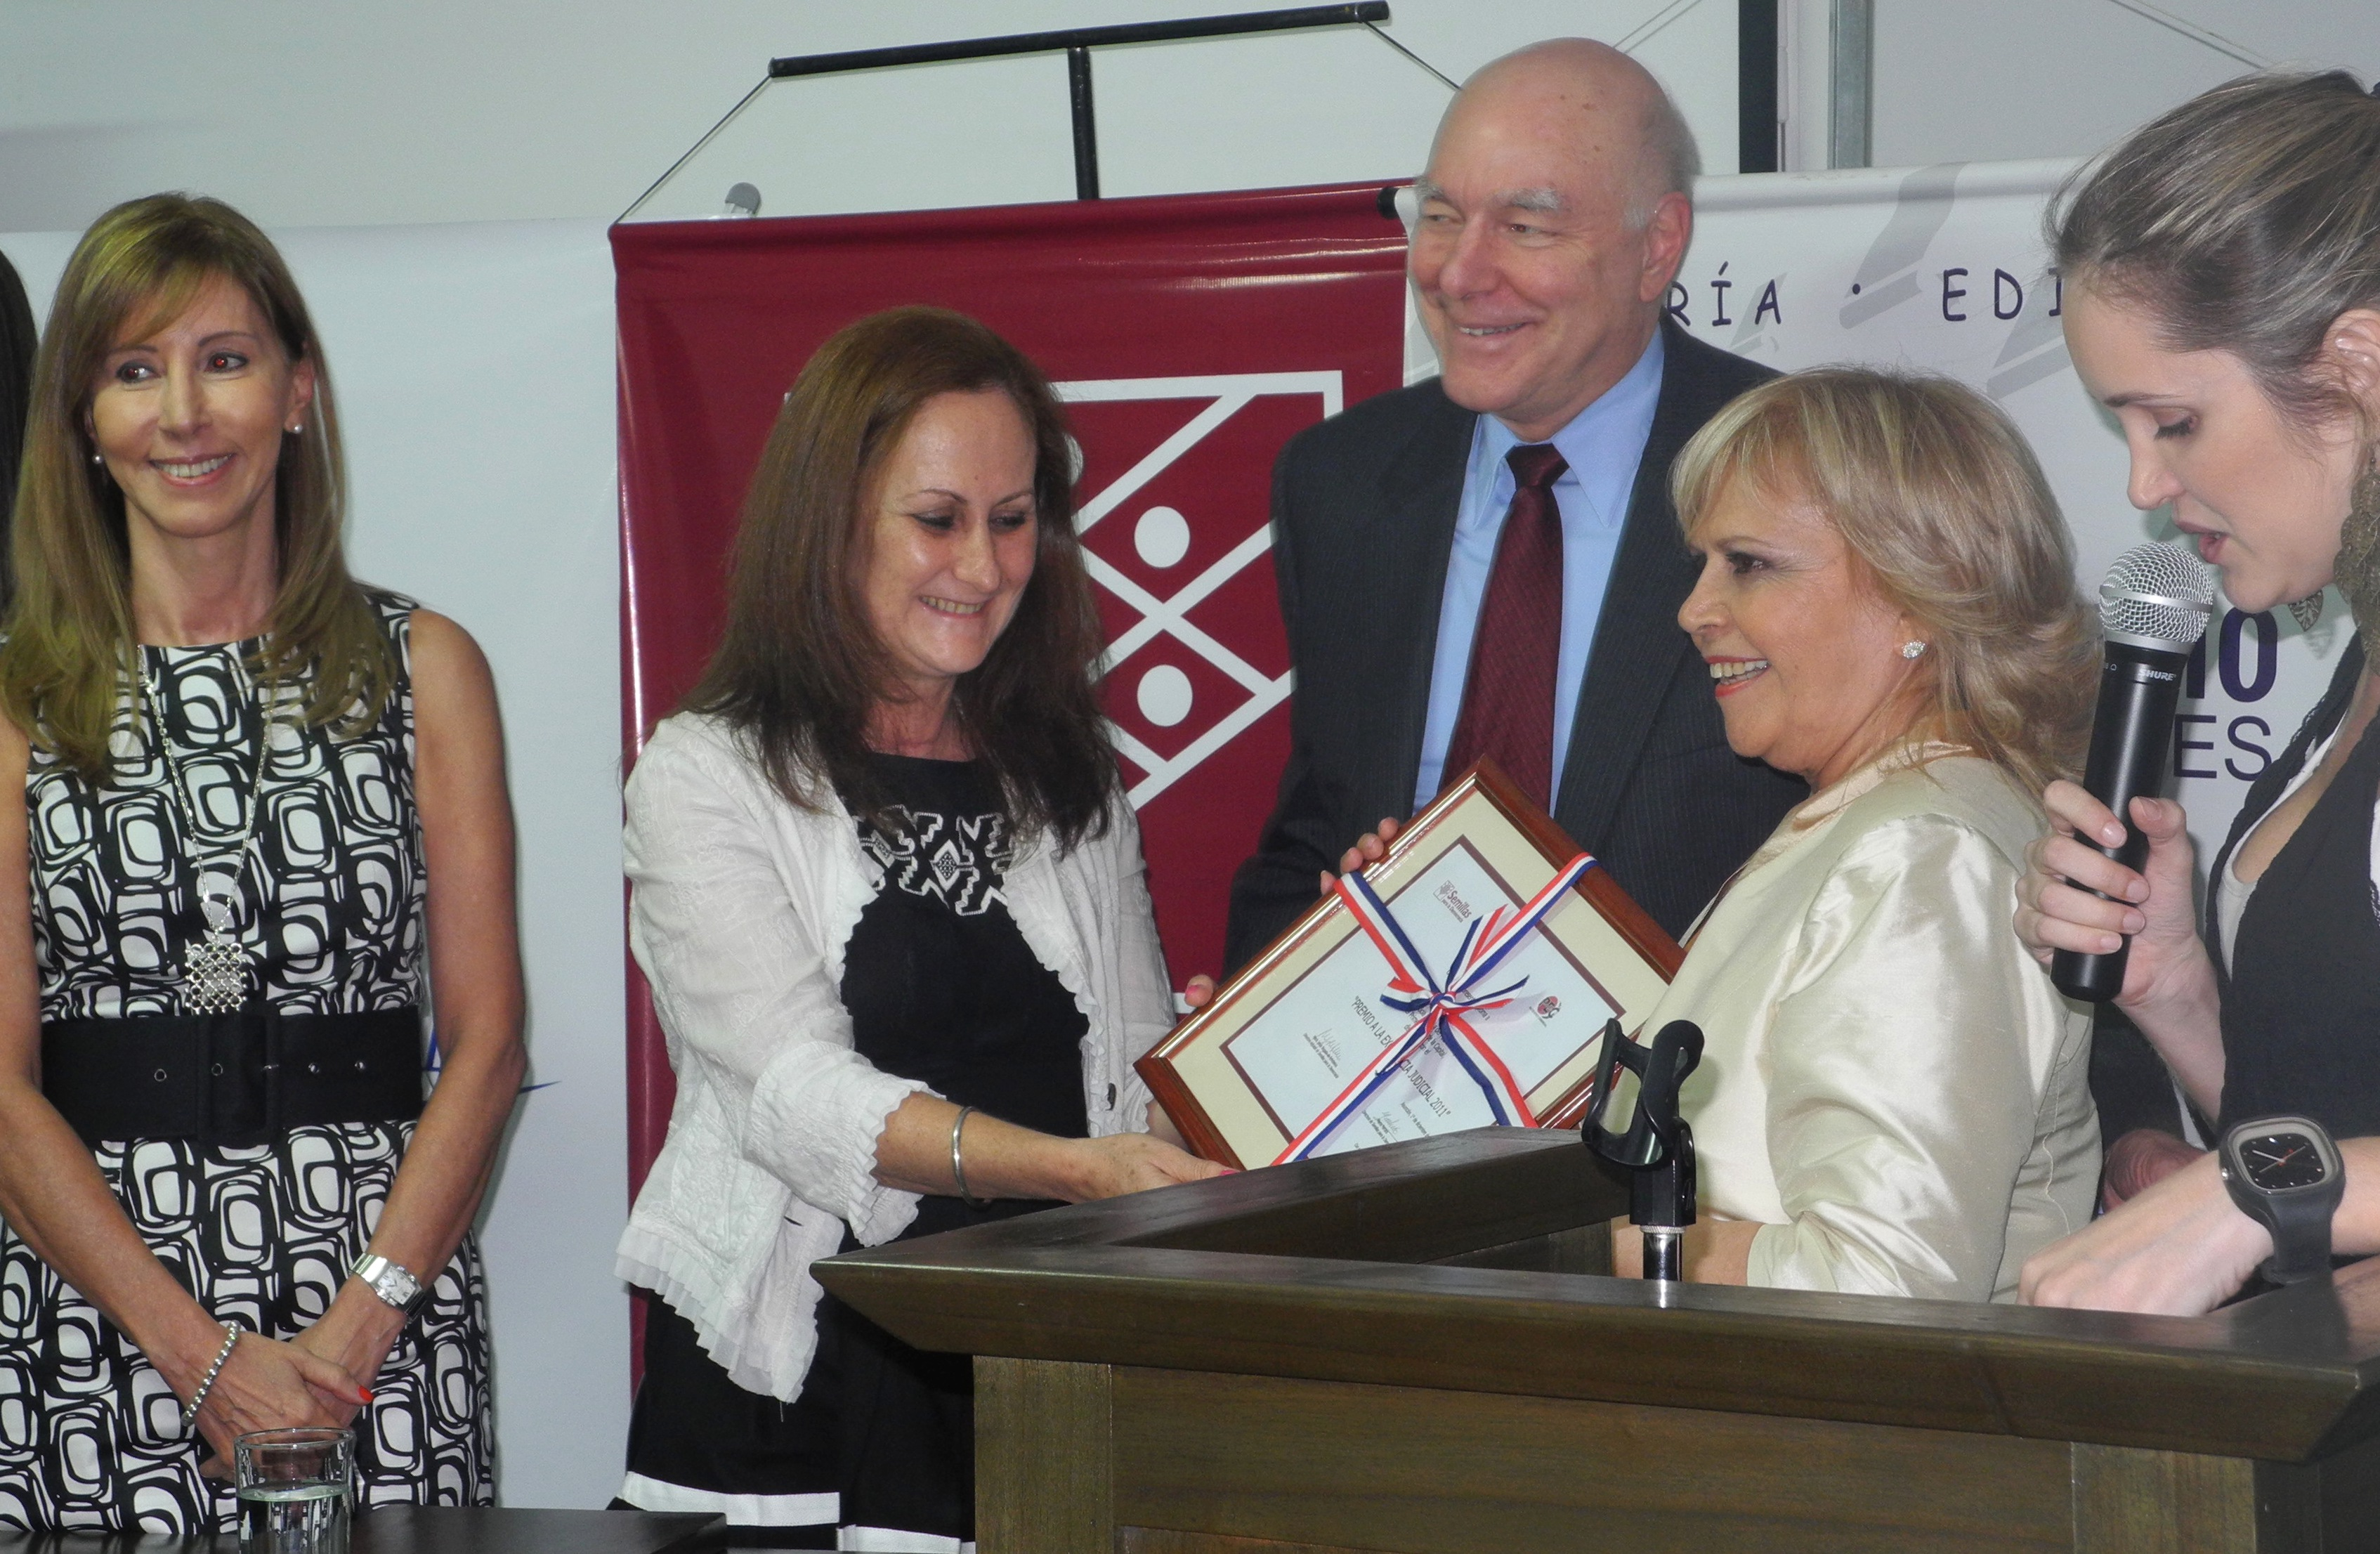 (De izqda a der.) María Jesús Bogado, Marta Ferrara, James Thessin y Olga Talavera